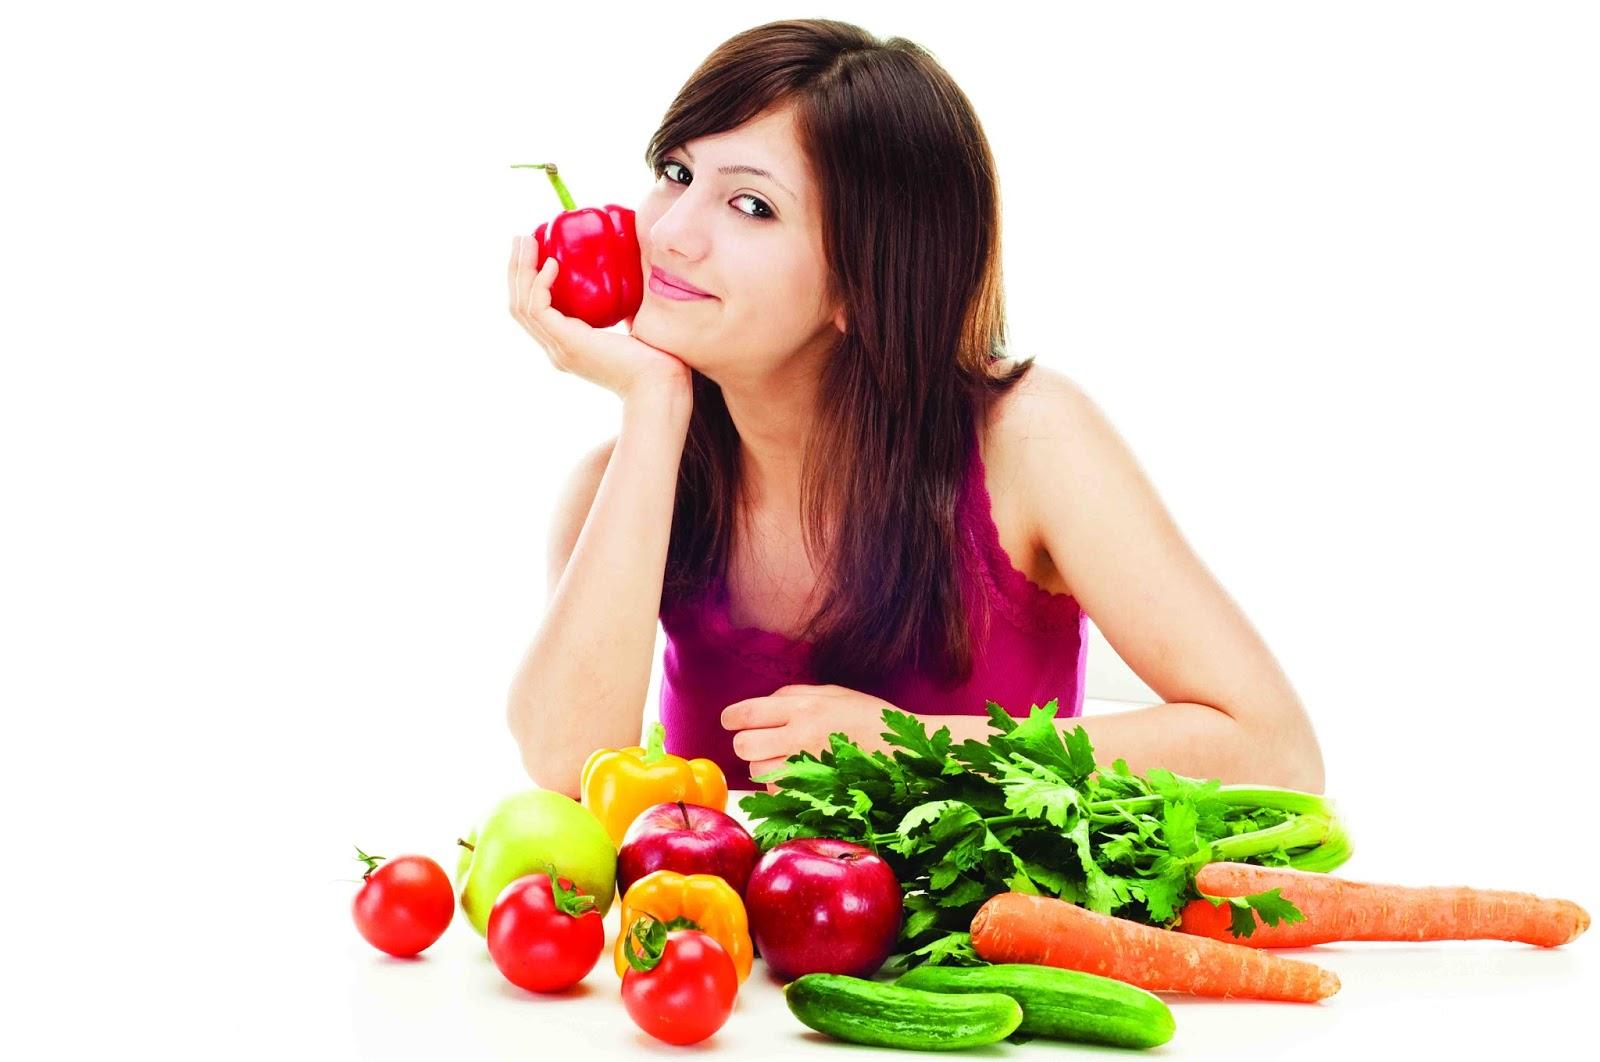 Duy trì ăn nhiều trái cây để da mịn đẹp